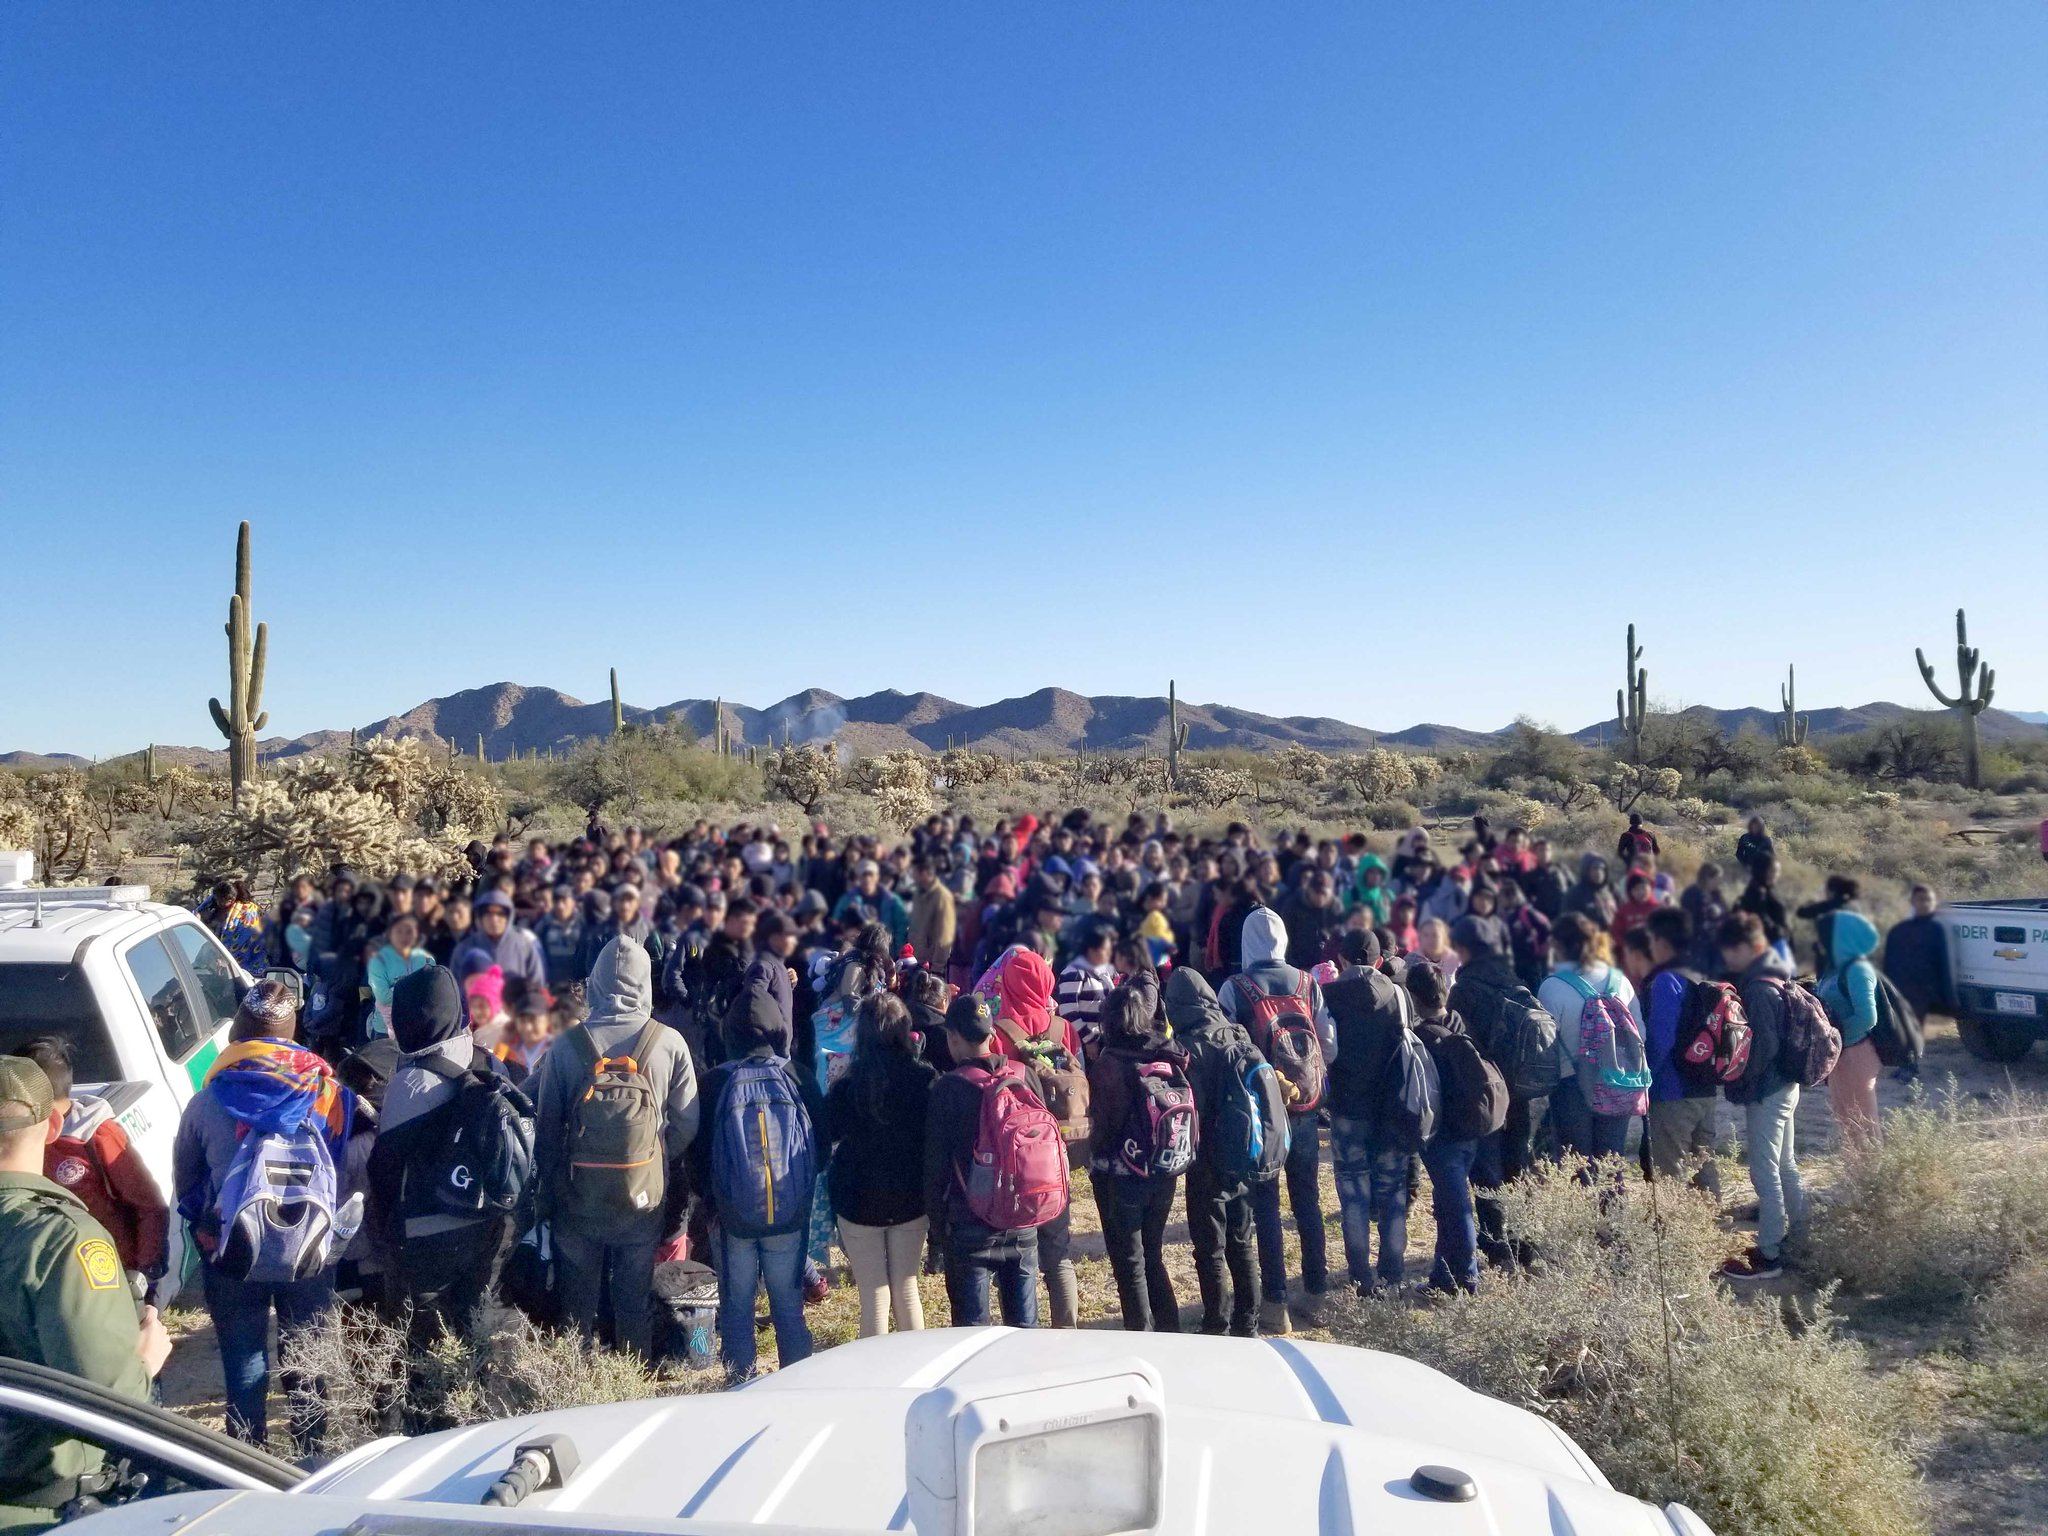 El grupo de migrantes recién había cruzado la línea divisoria entre Estados Unidos y México. (Foto: CBP)